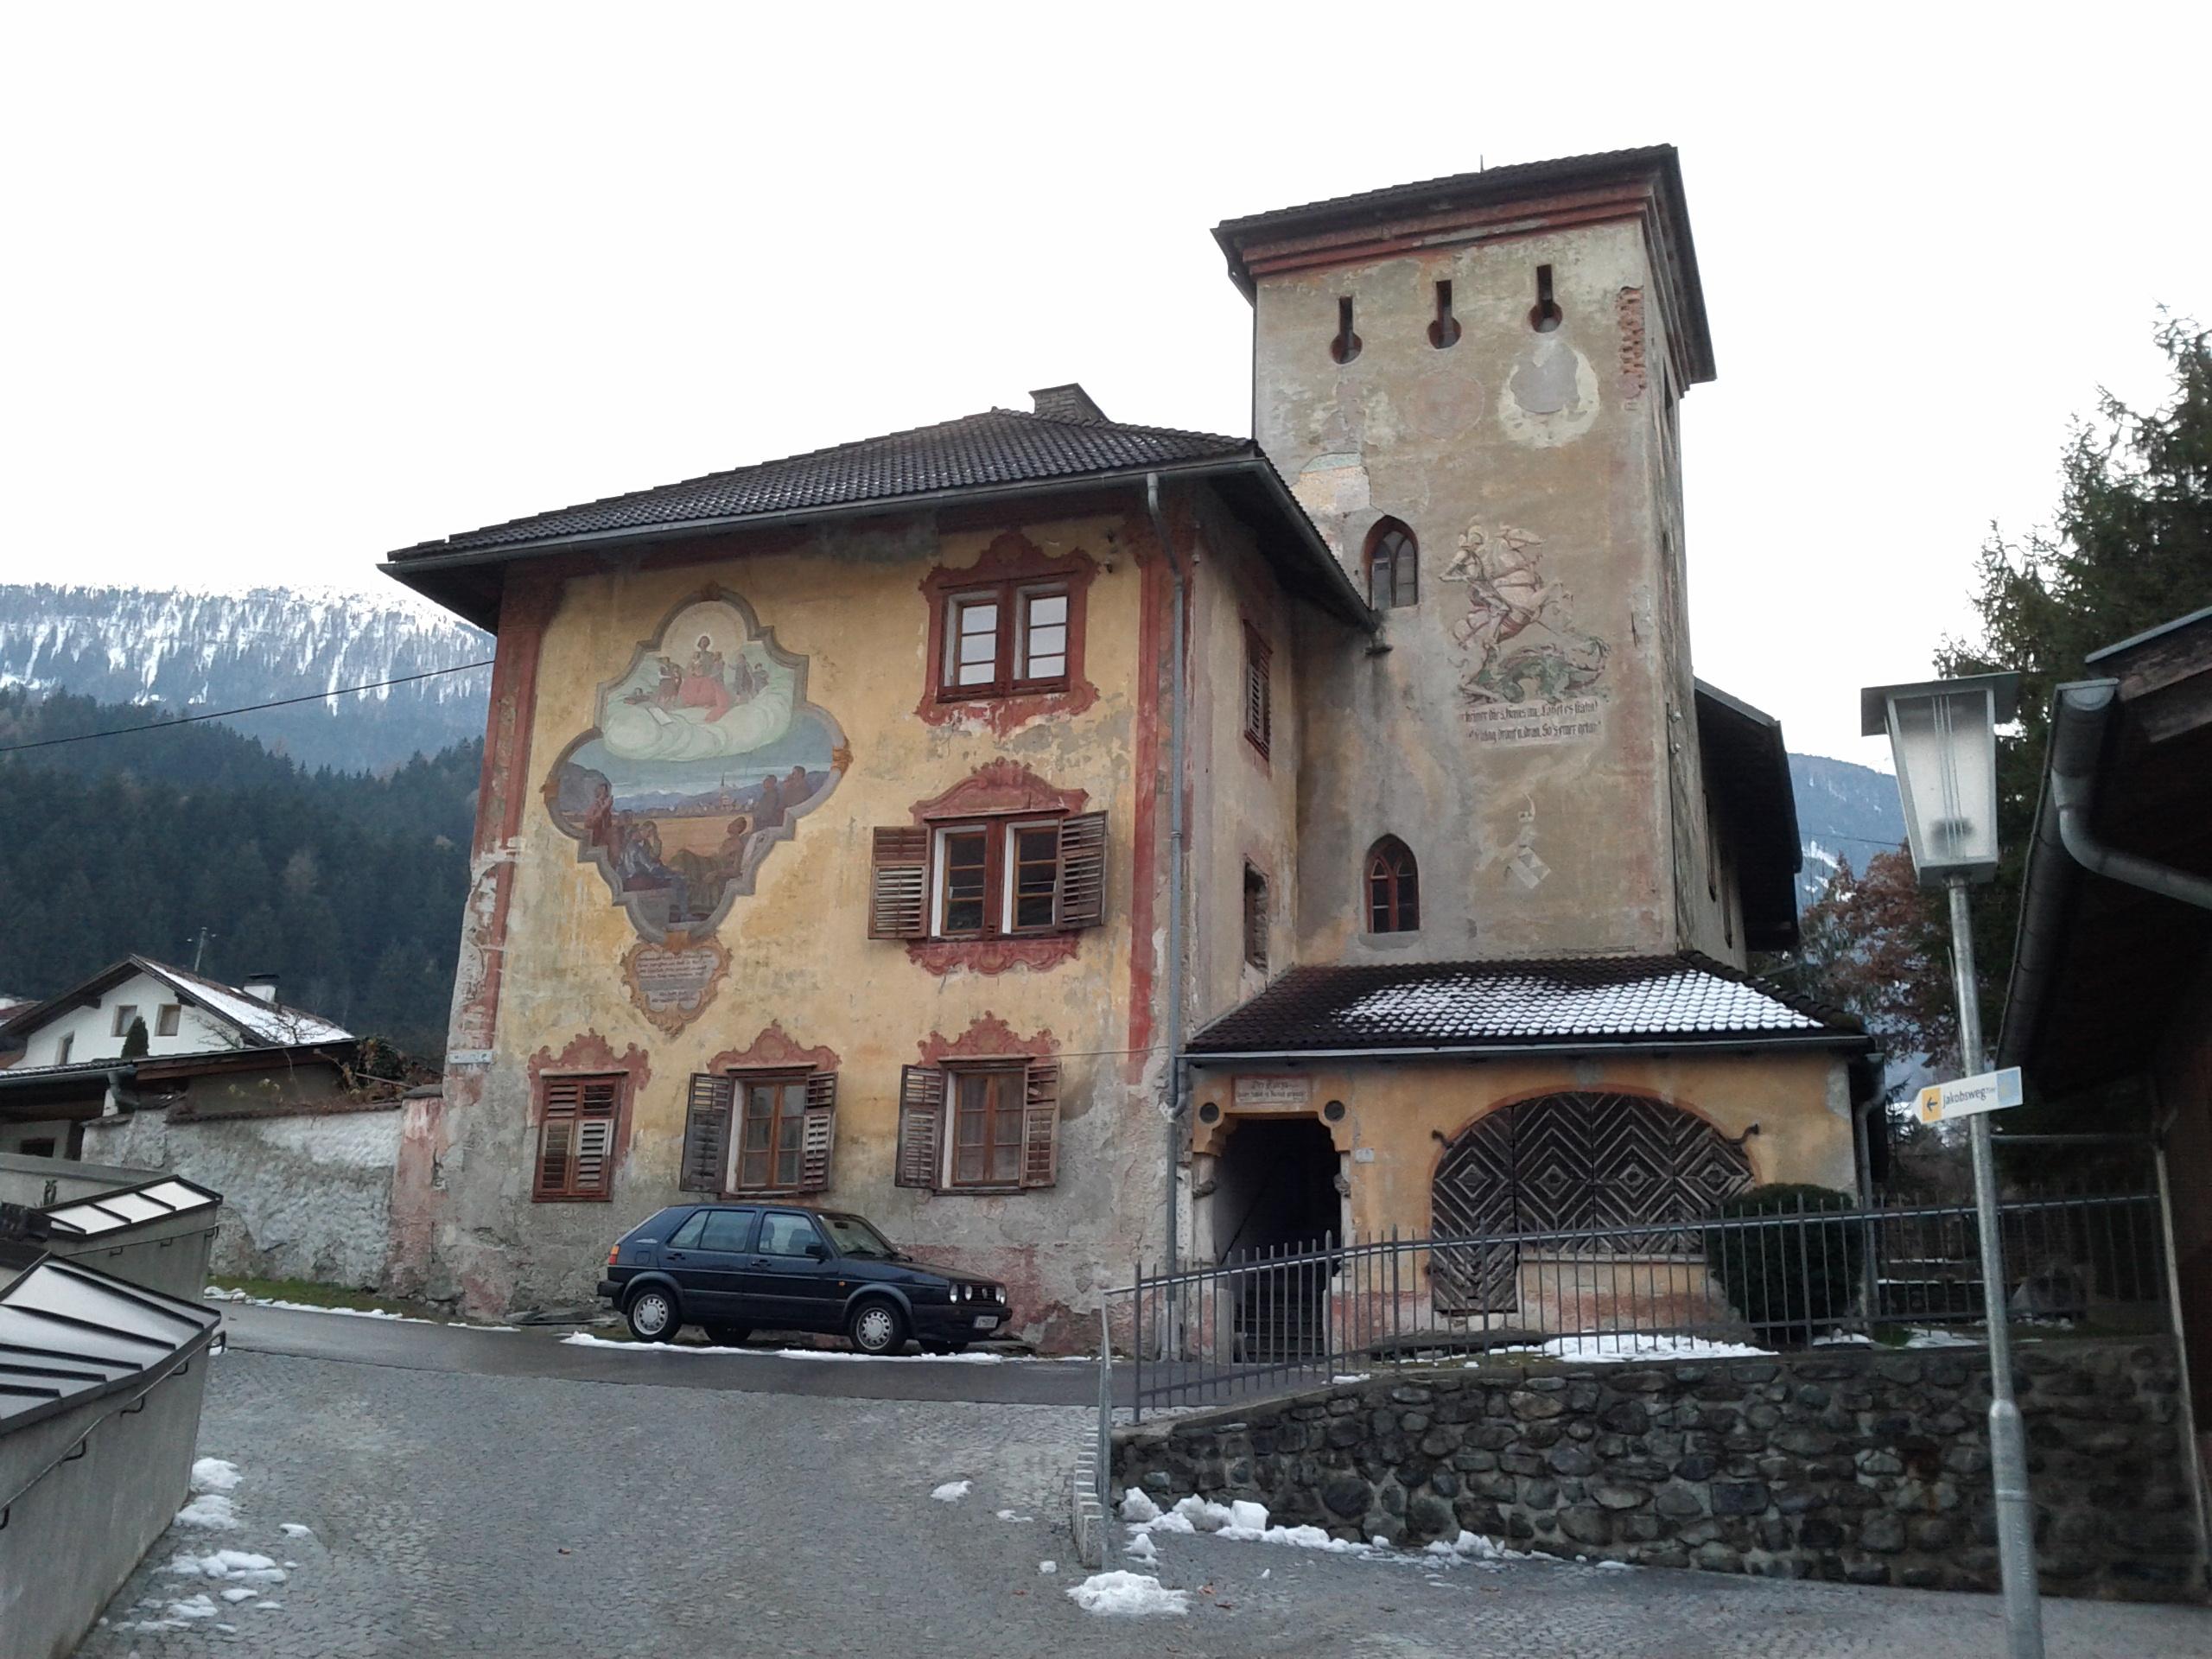 Hirschberger, Lorenz - Gemeinde Inzing - Startseite - Unser